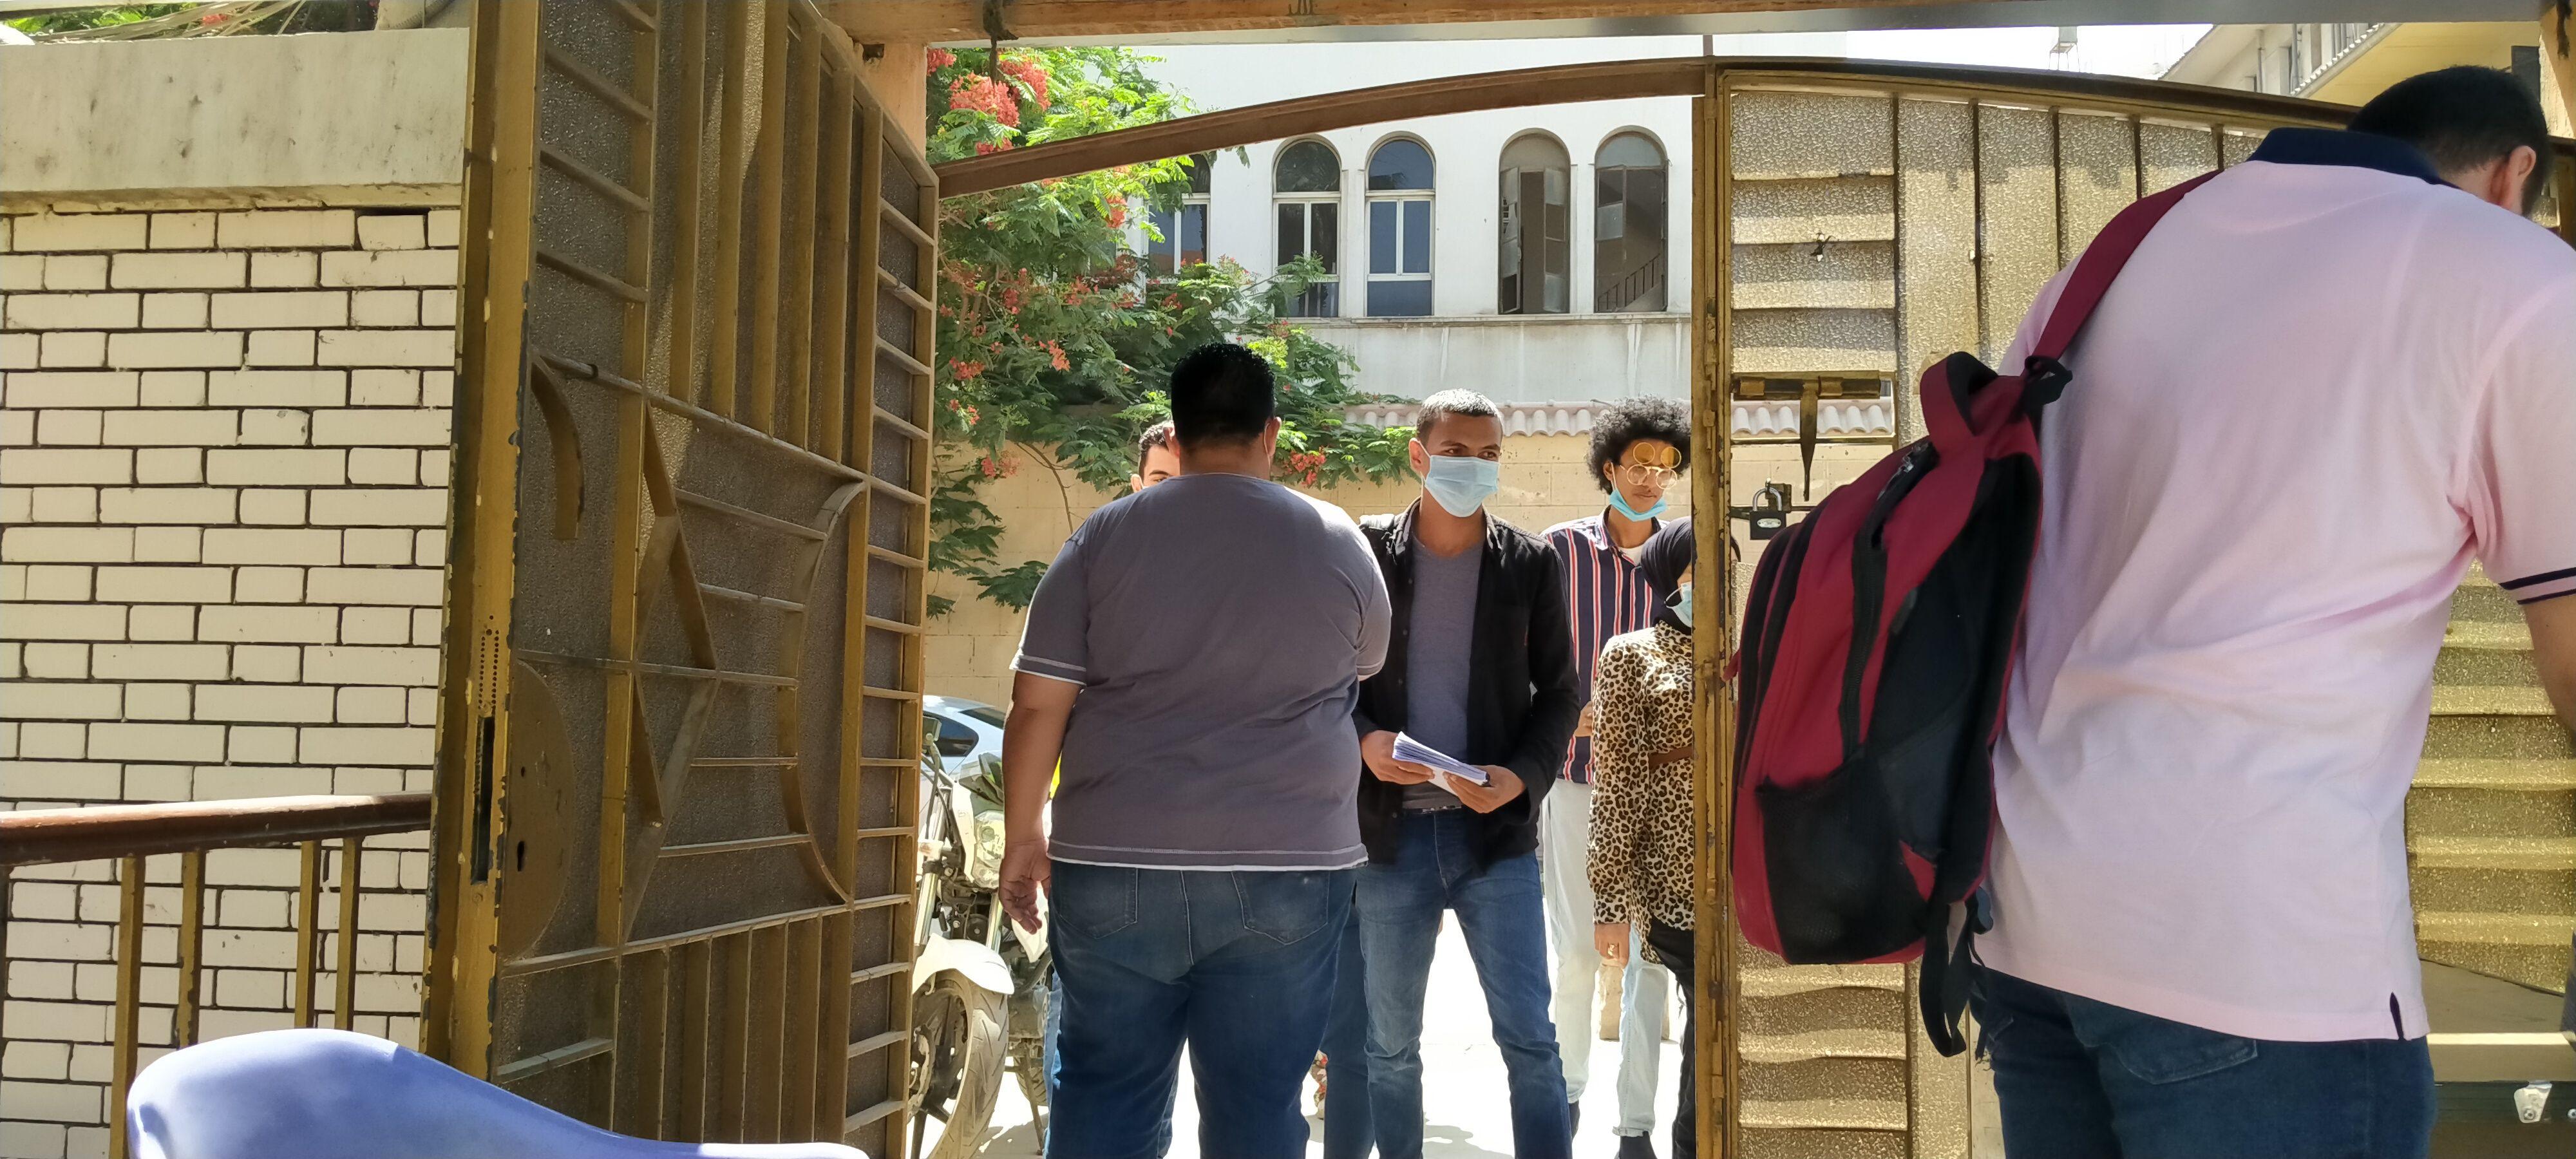 تطبيق الإجراءات الوقائية من كورونا خلال امتحانات نهاية العام بجامعة حلوان